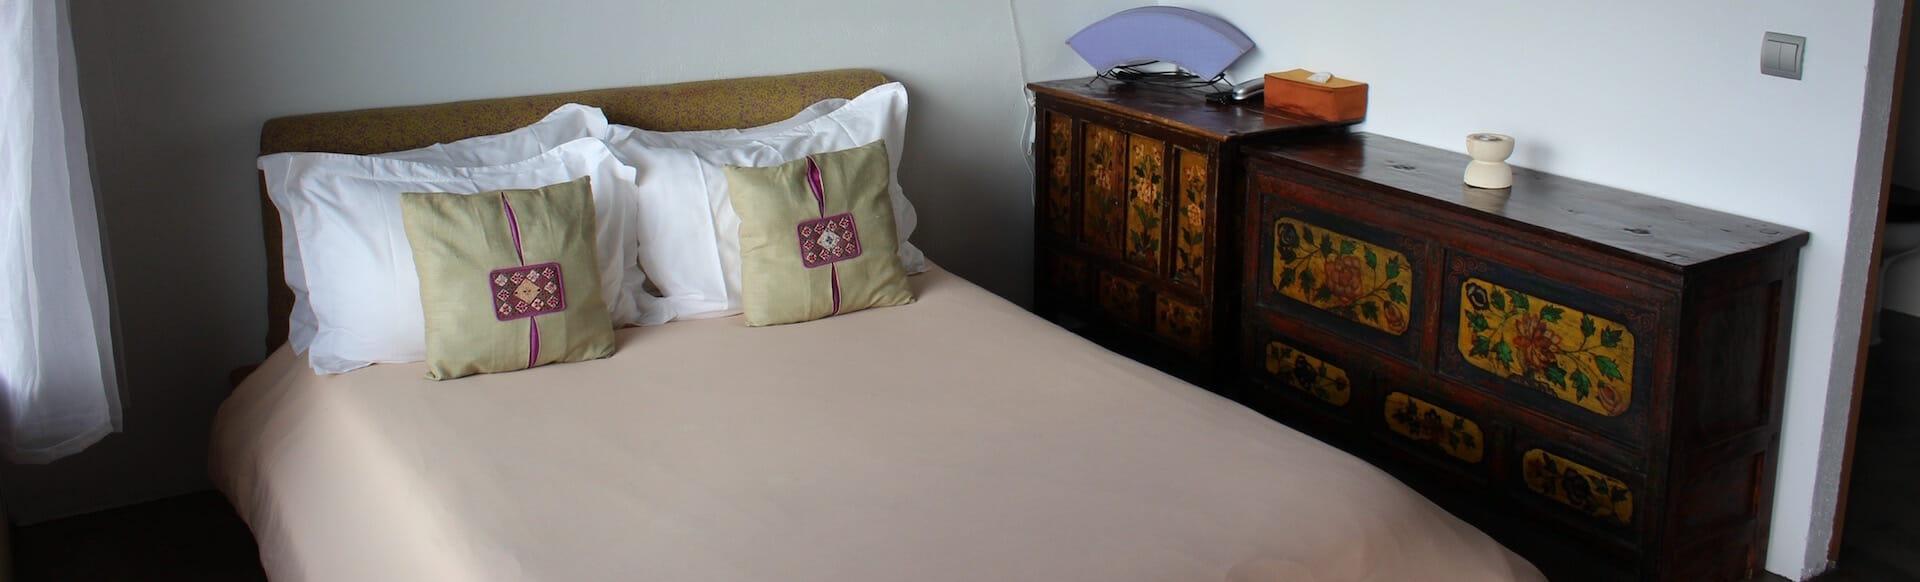 Habitación mediana - cama